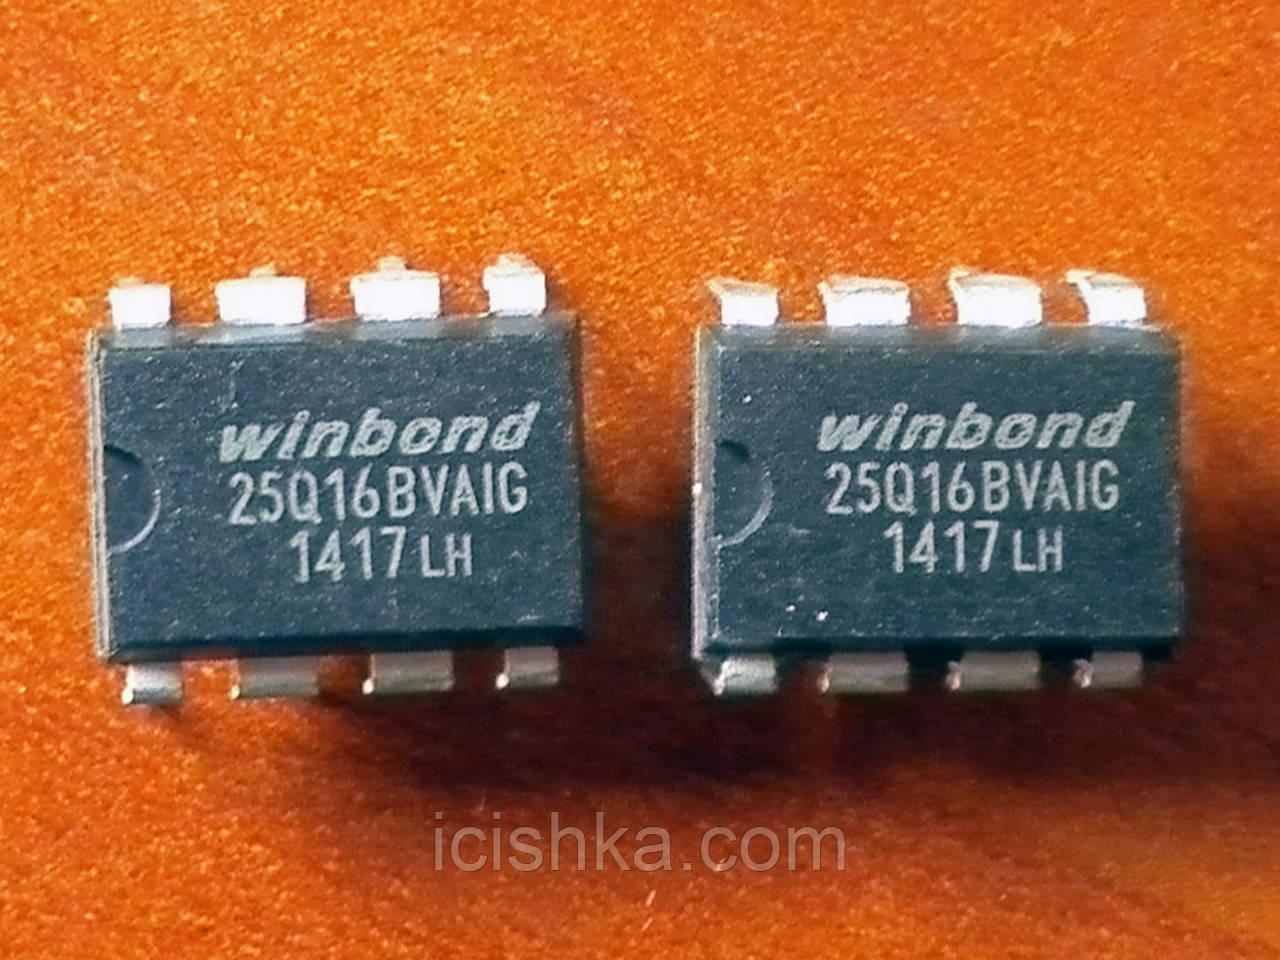 W25Q16BVAIG / 25Q16BV / 25Q16 DIP8 - 2Mb SPI Flash - BIOS, Ubiquiti